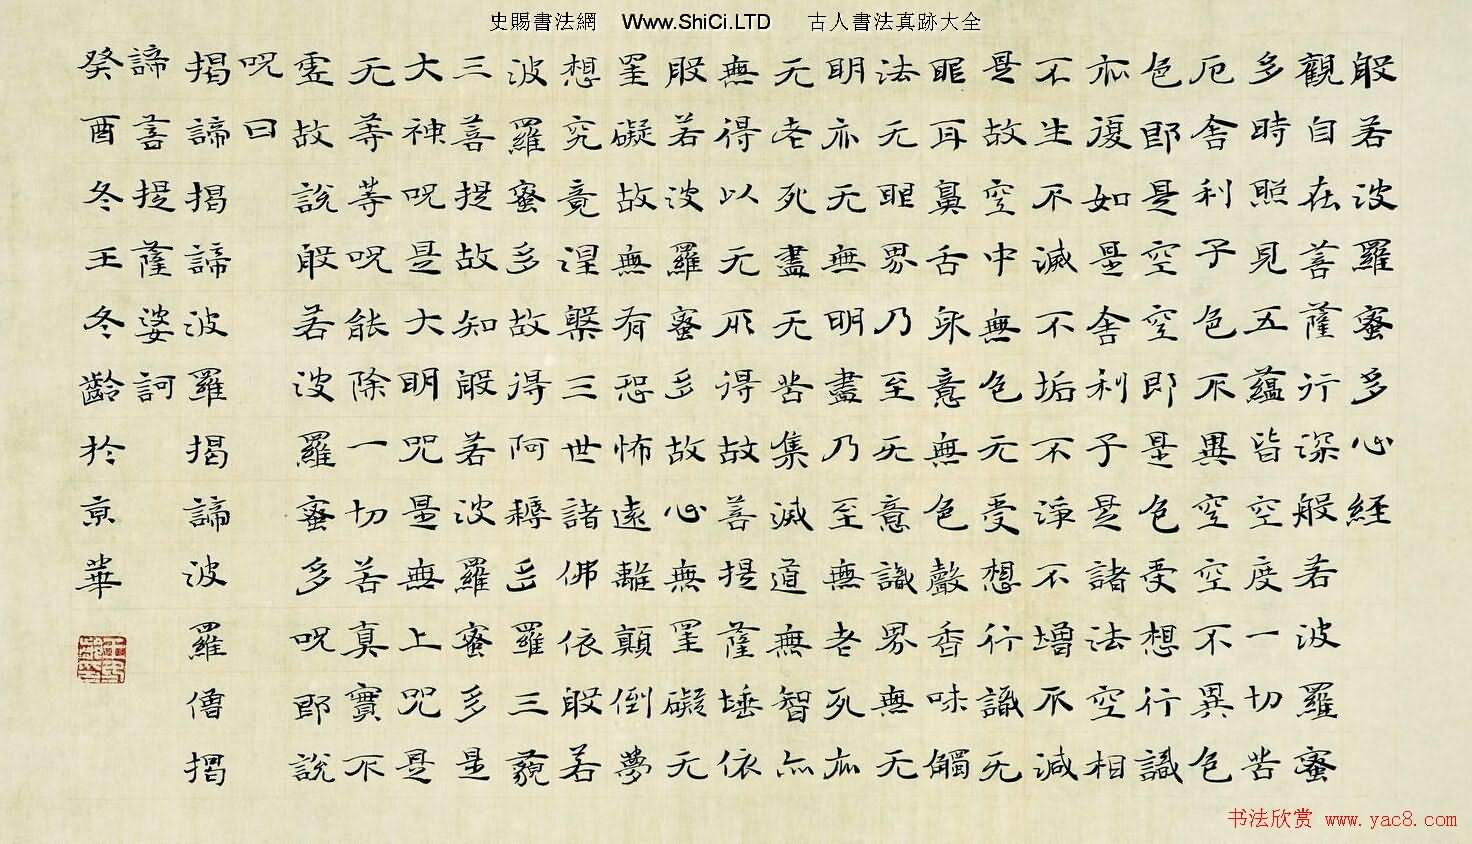 王冬齡《心經》書法作品真跡欣賞三種(共3張圖片)